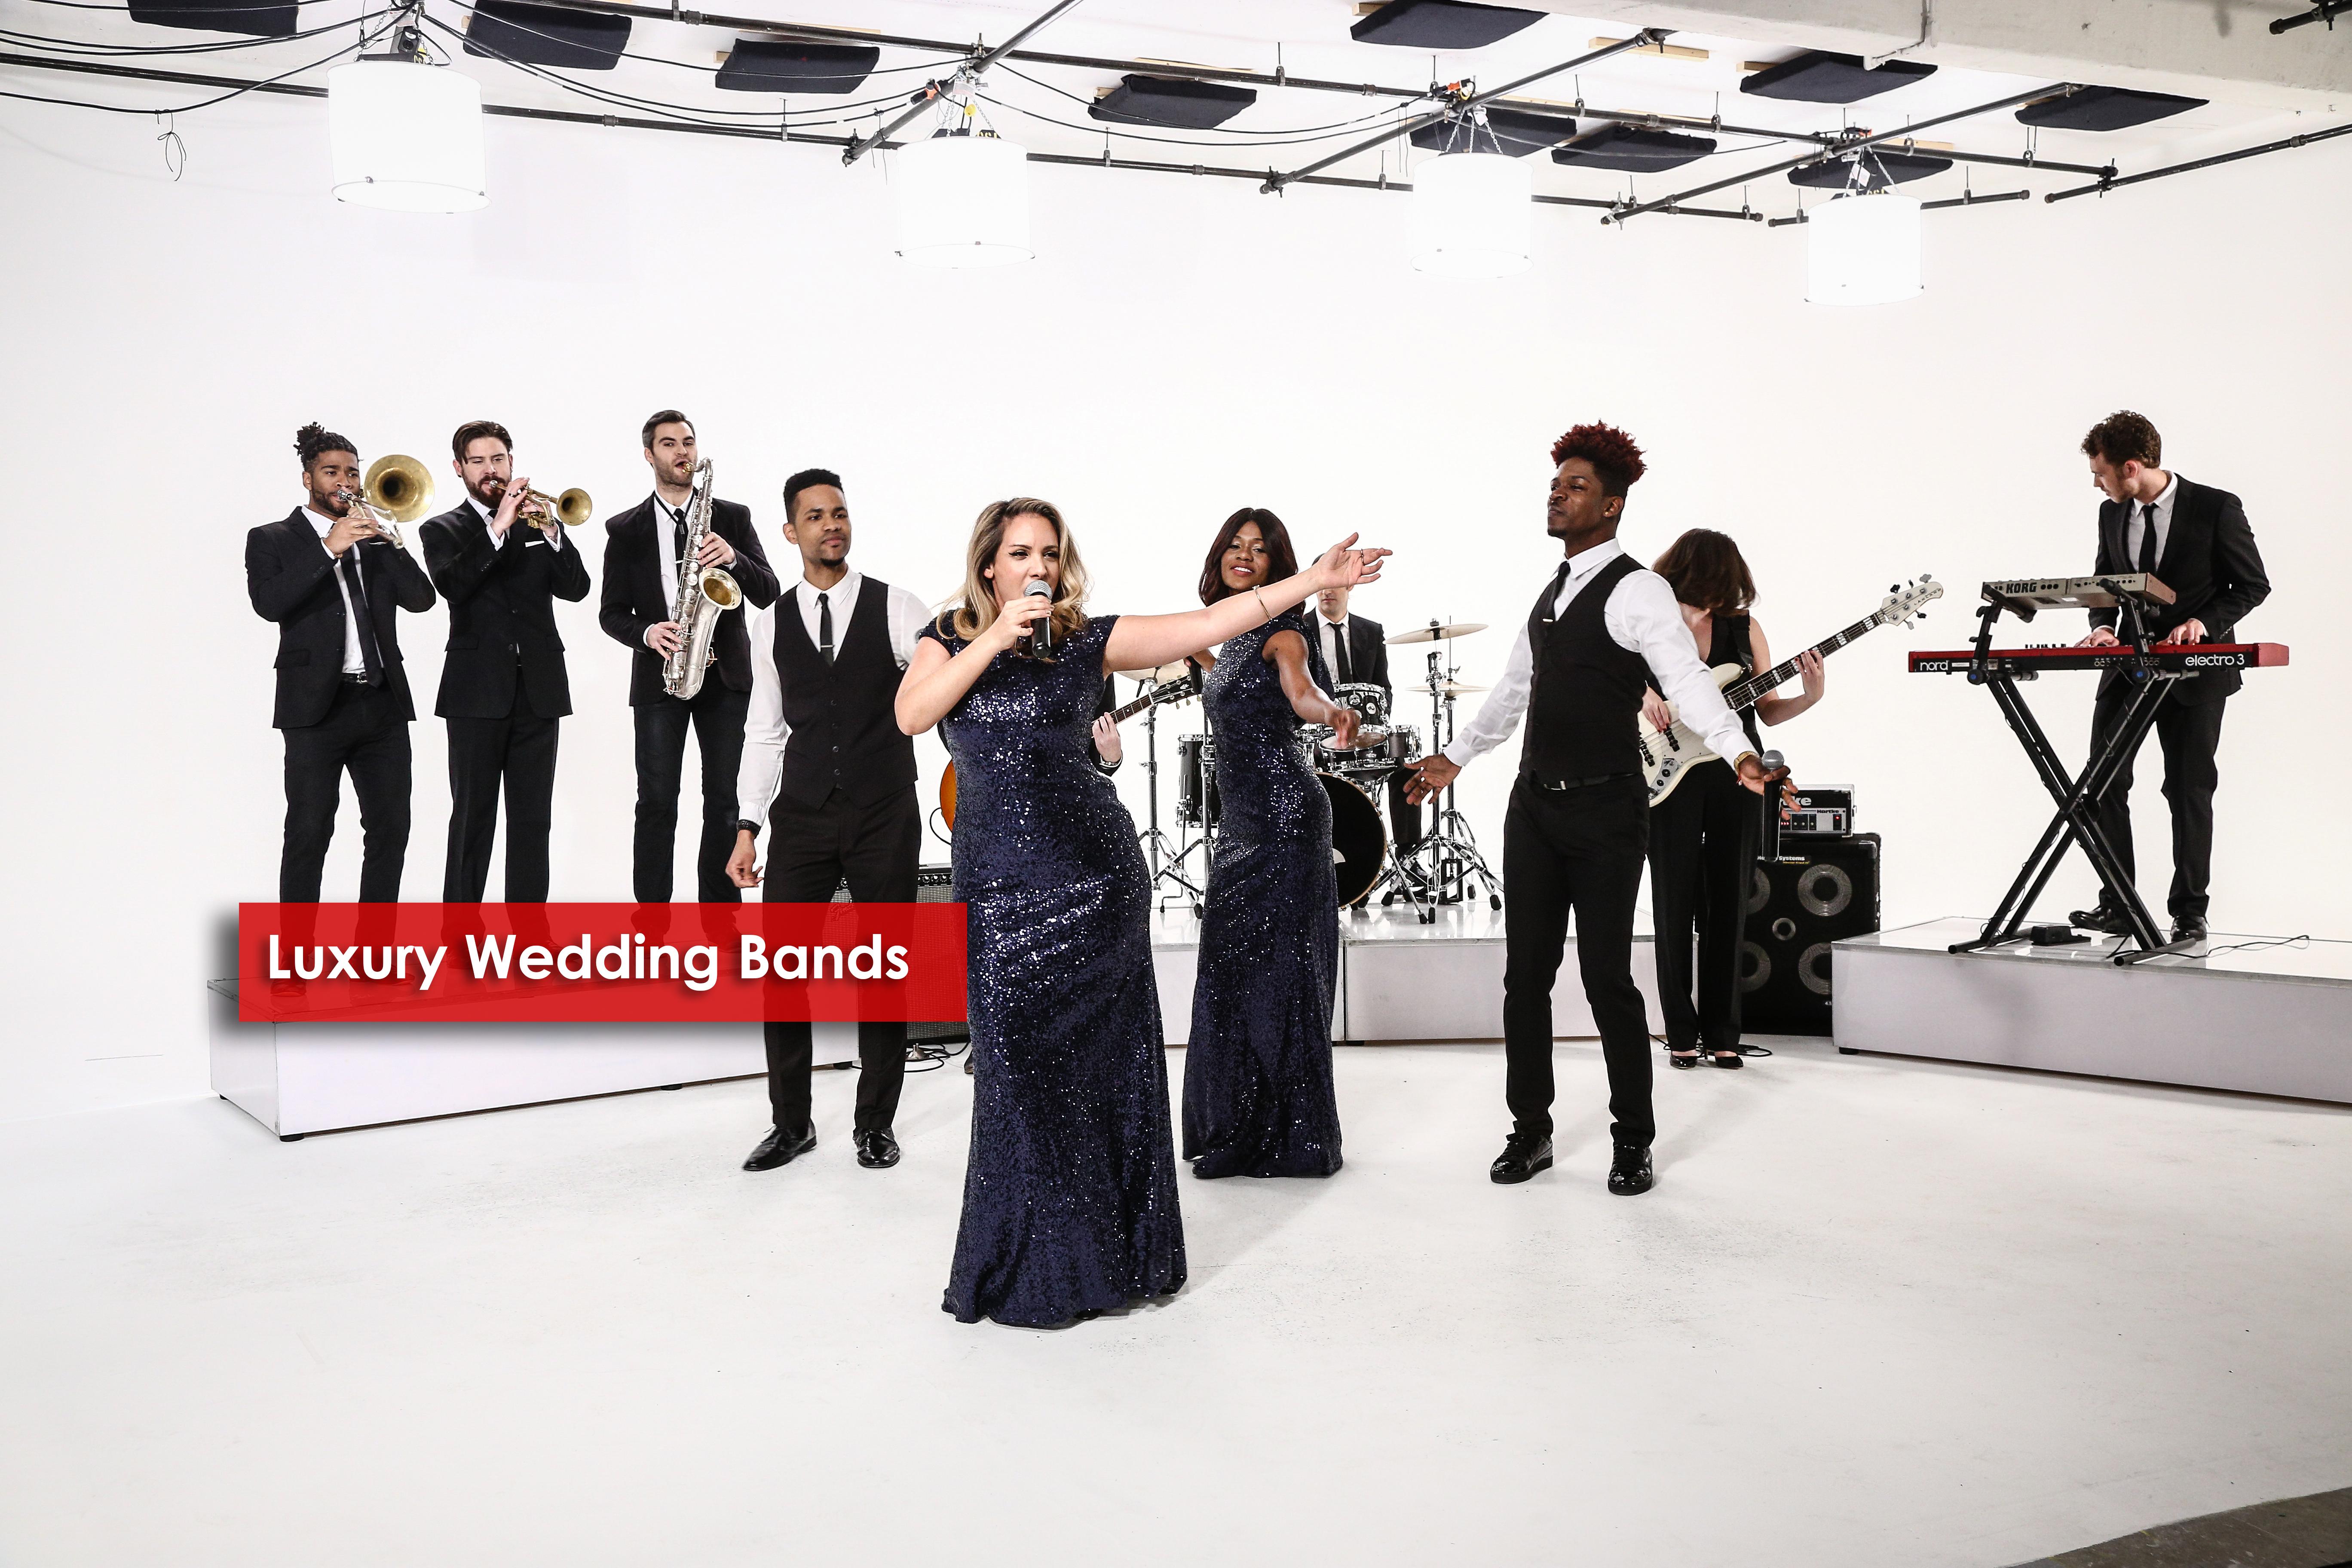 luxury wedding bands